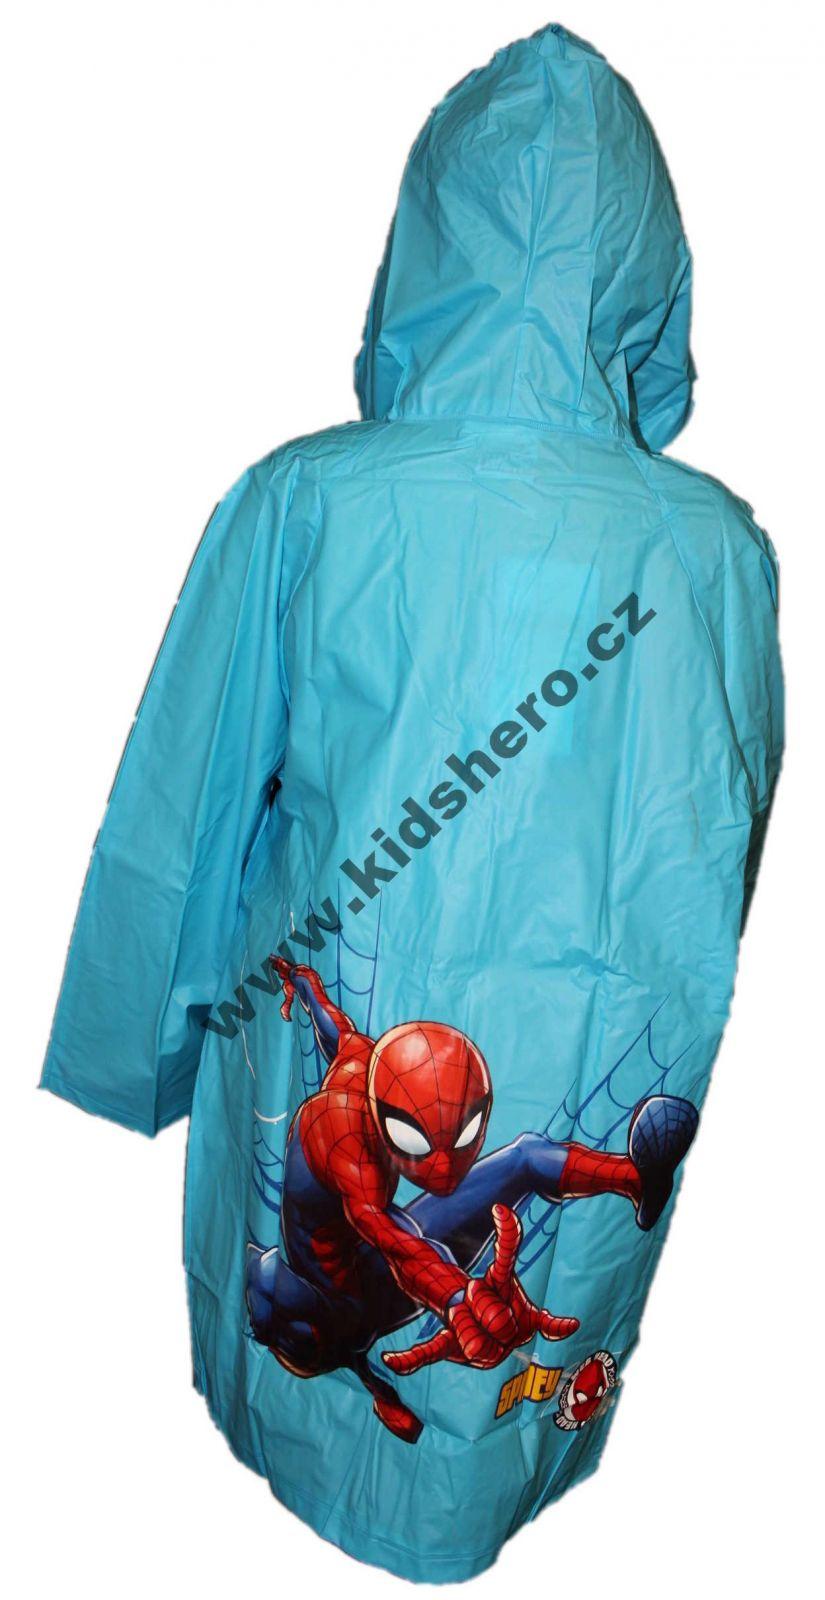 Dětská pláštěnka SPIDERMAN chlapecká licenční pláštěnka Disney